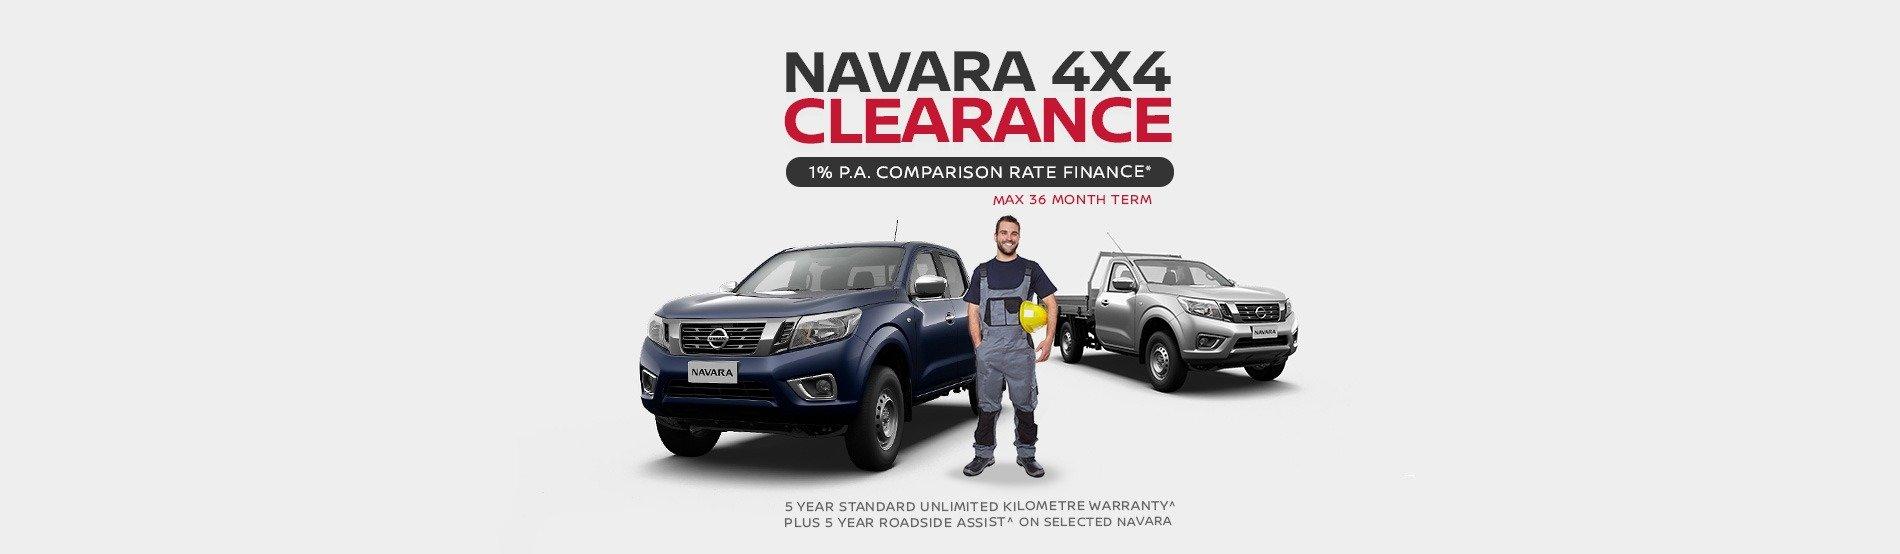 Burwood Nissan - 4x4 Navara